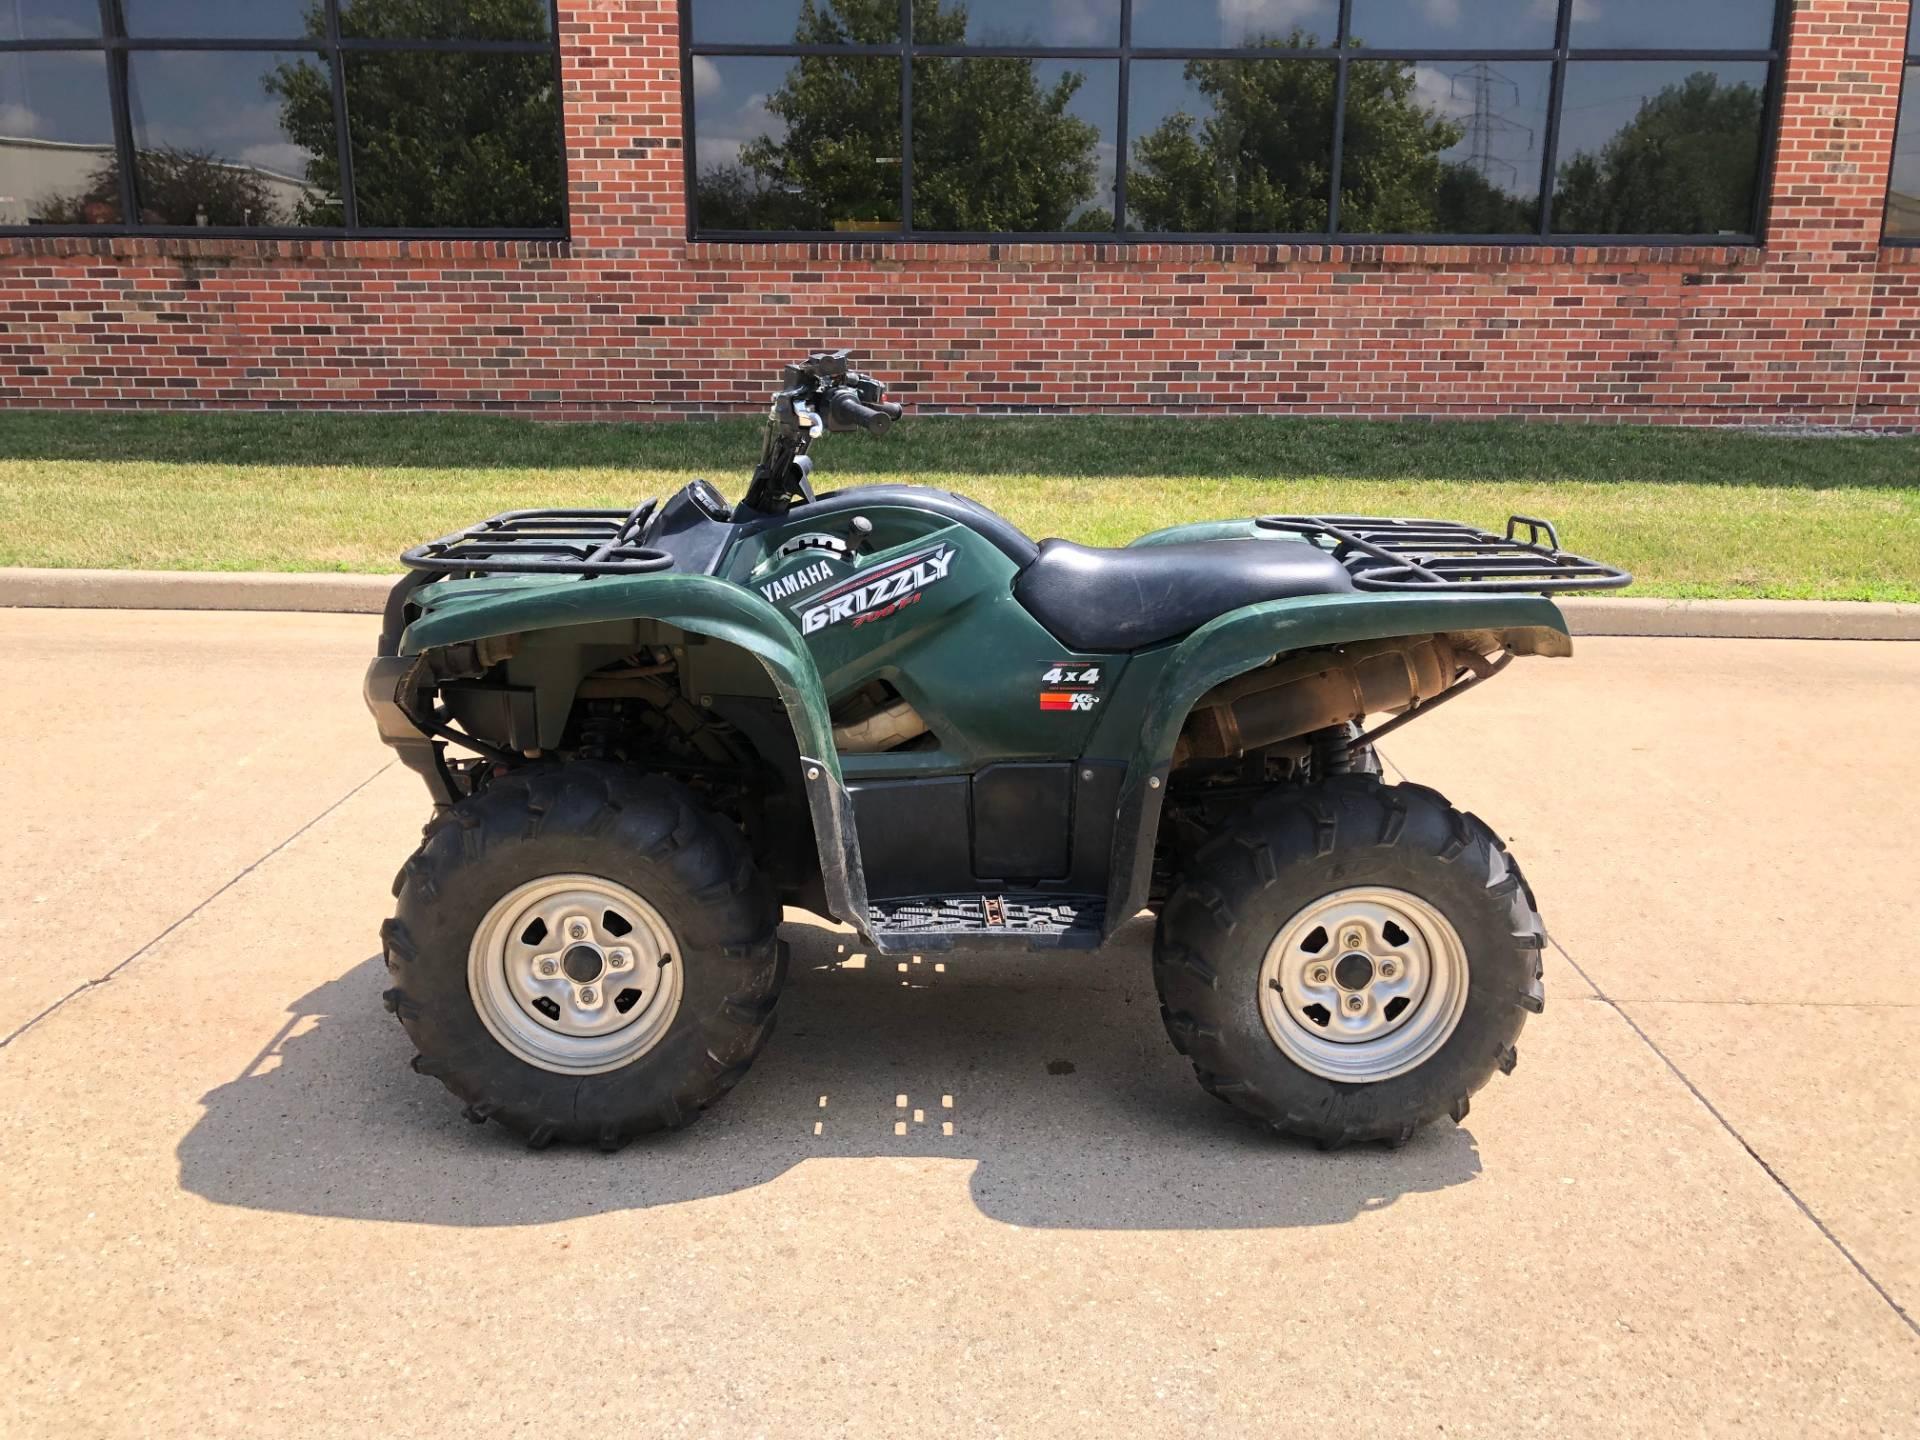 2008 Yamaha Grizzly 700 FI Auto  4x4 EPS in Grimes, Iowa